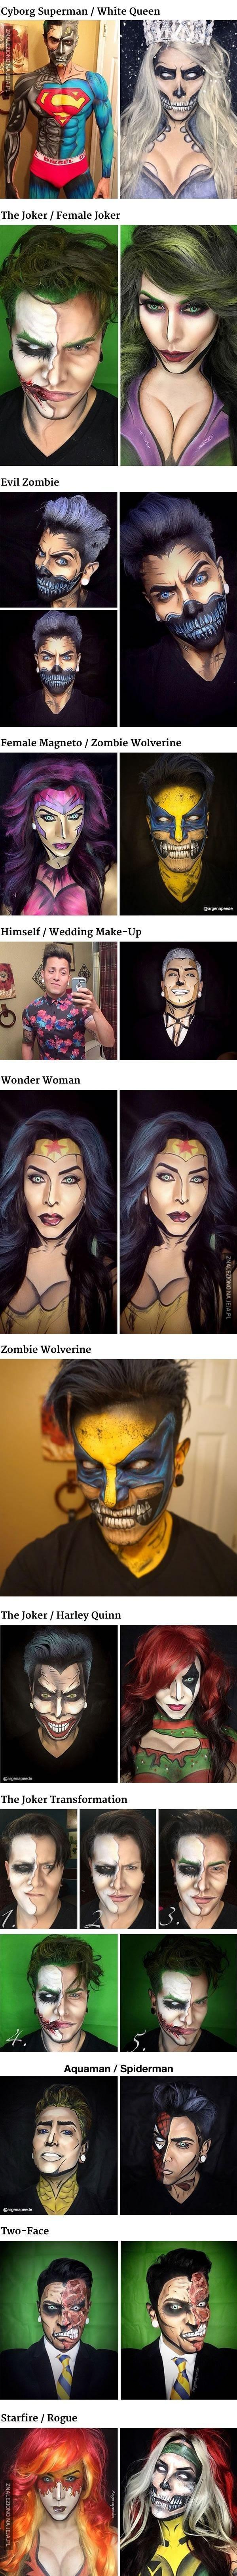 Cosplay za pomocą makijażu